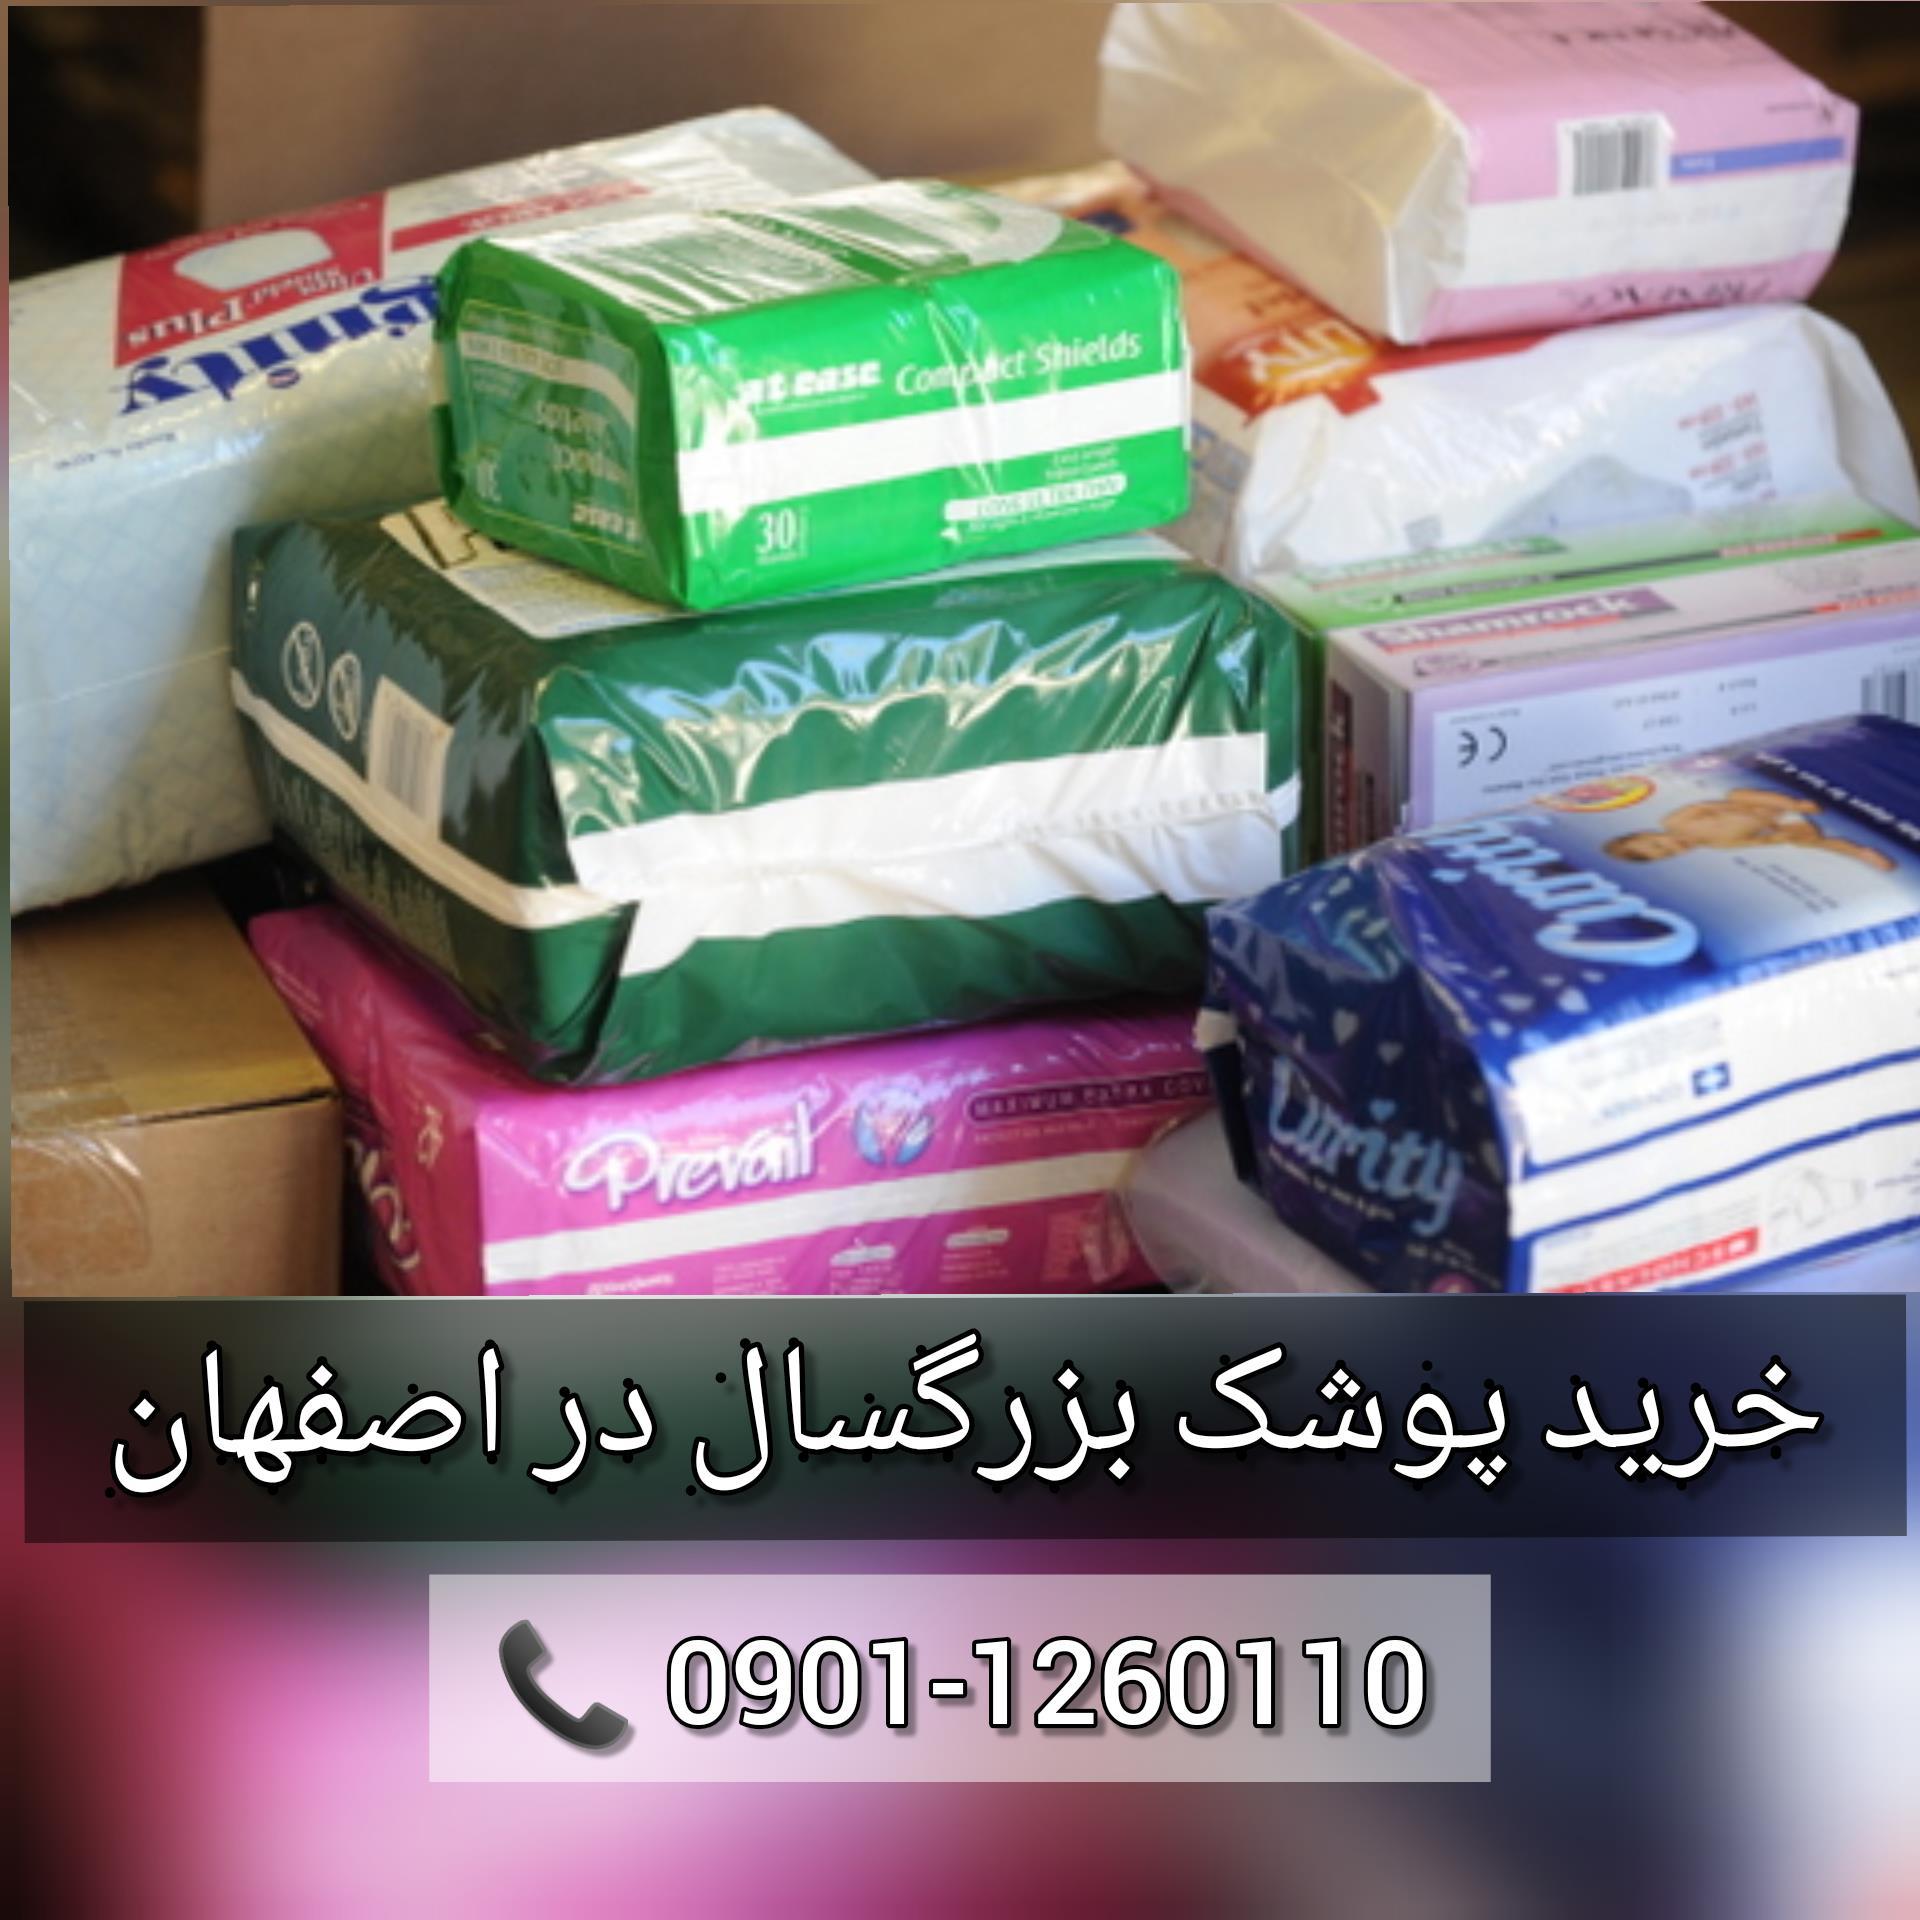 خرید پوشک بزرگسال در اصفهان به قیمت عمده